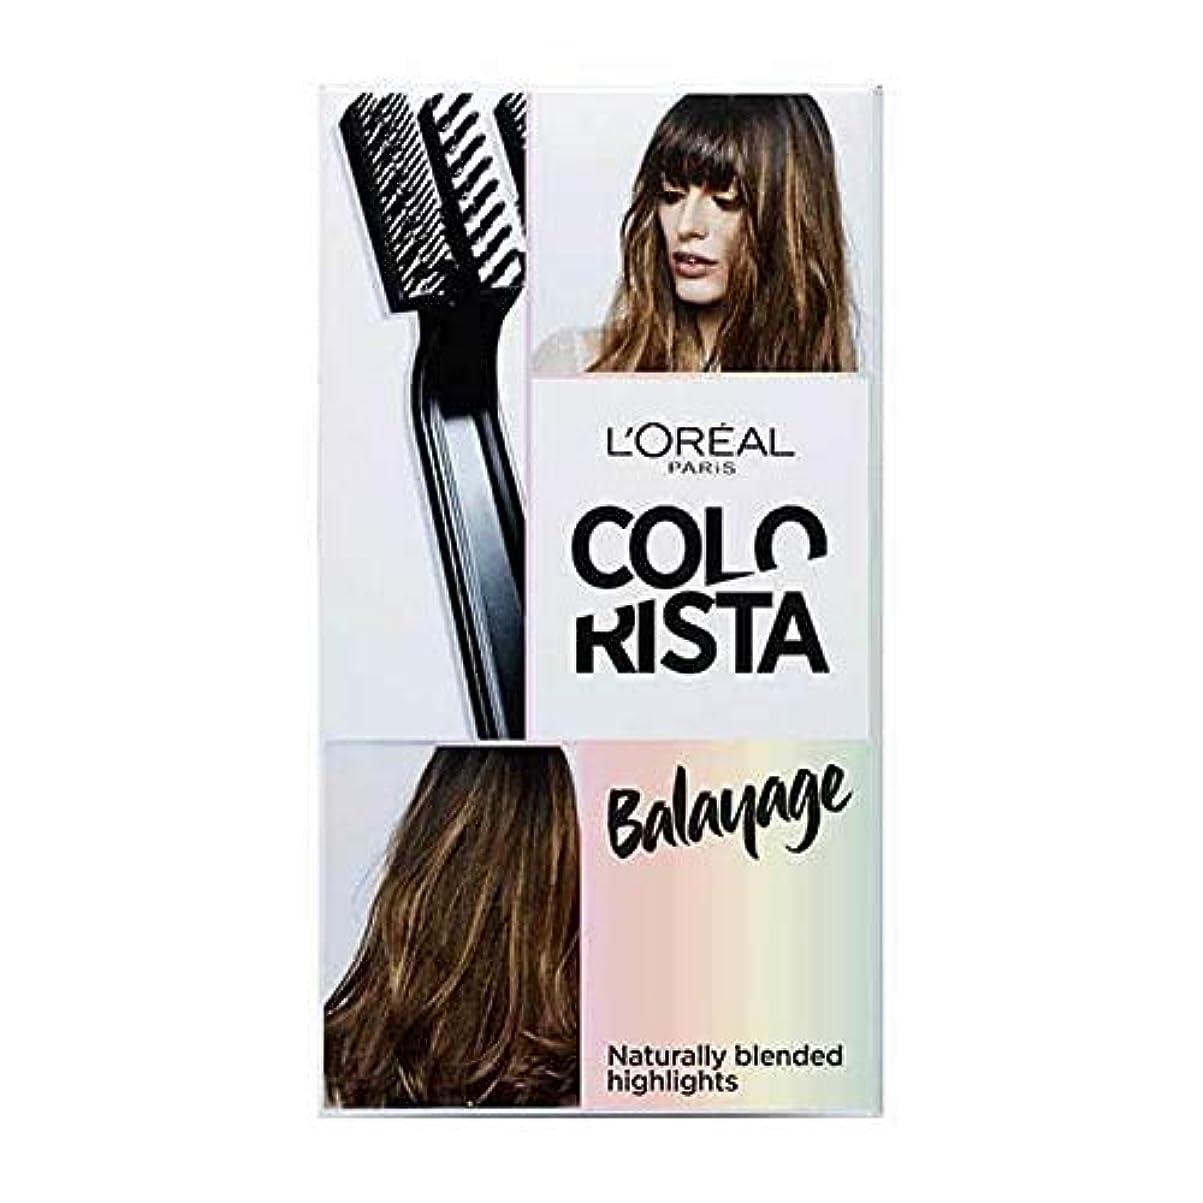 税金ステレオドール[Colorista] Colorista効果Balayage毛 - Colorista Effect Balayage Hair [並行輸入品]